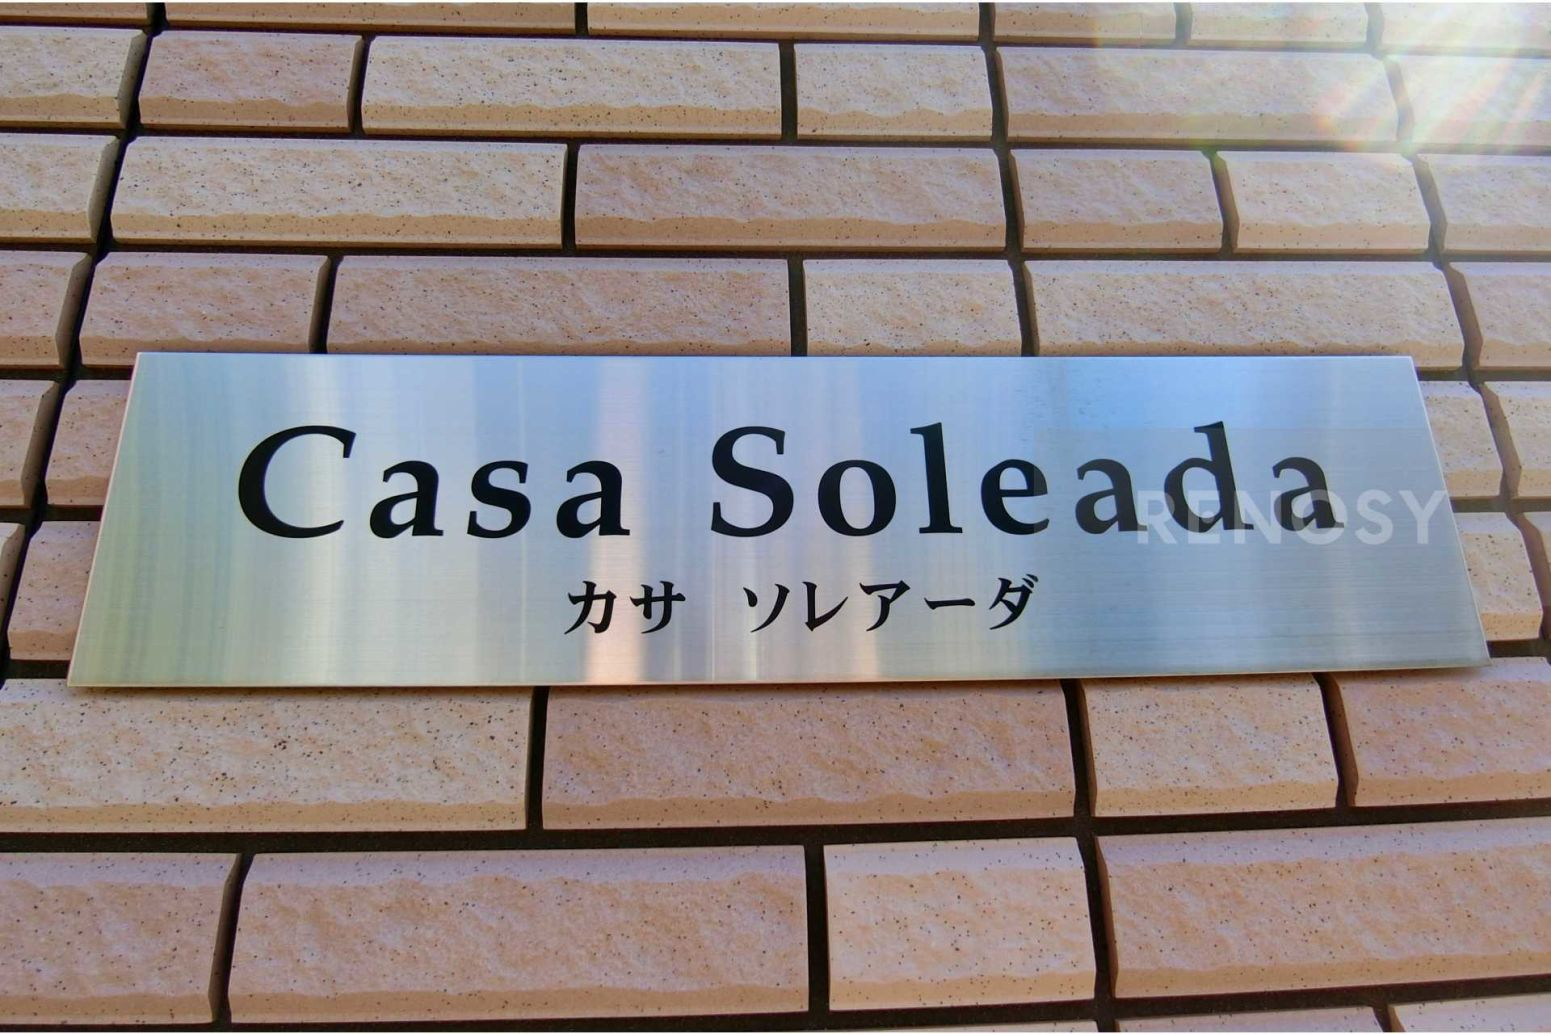 カサソレアーダ